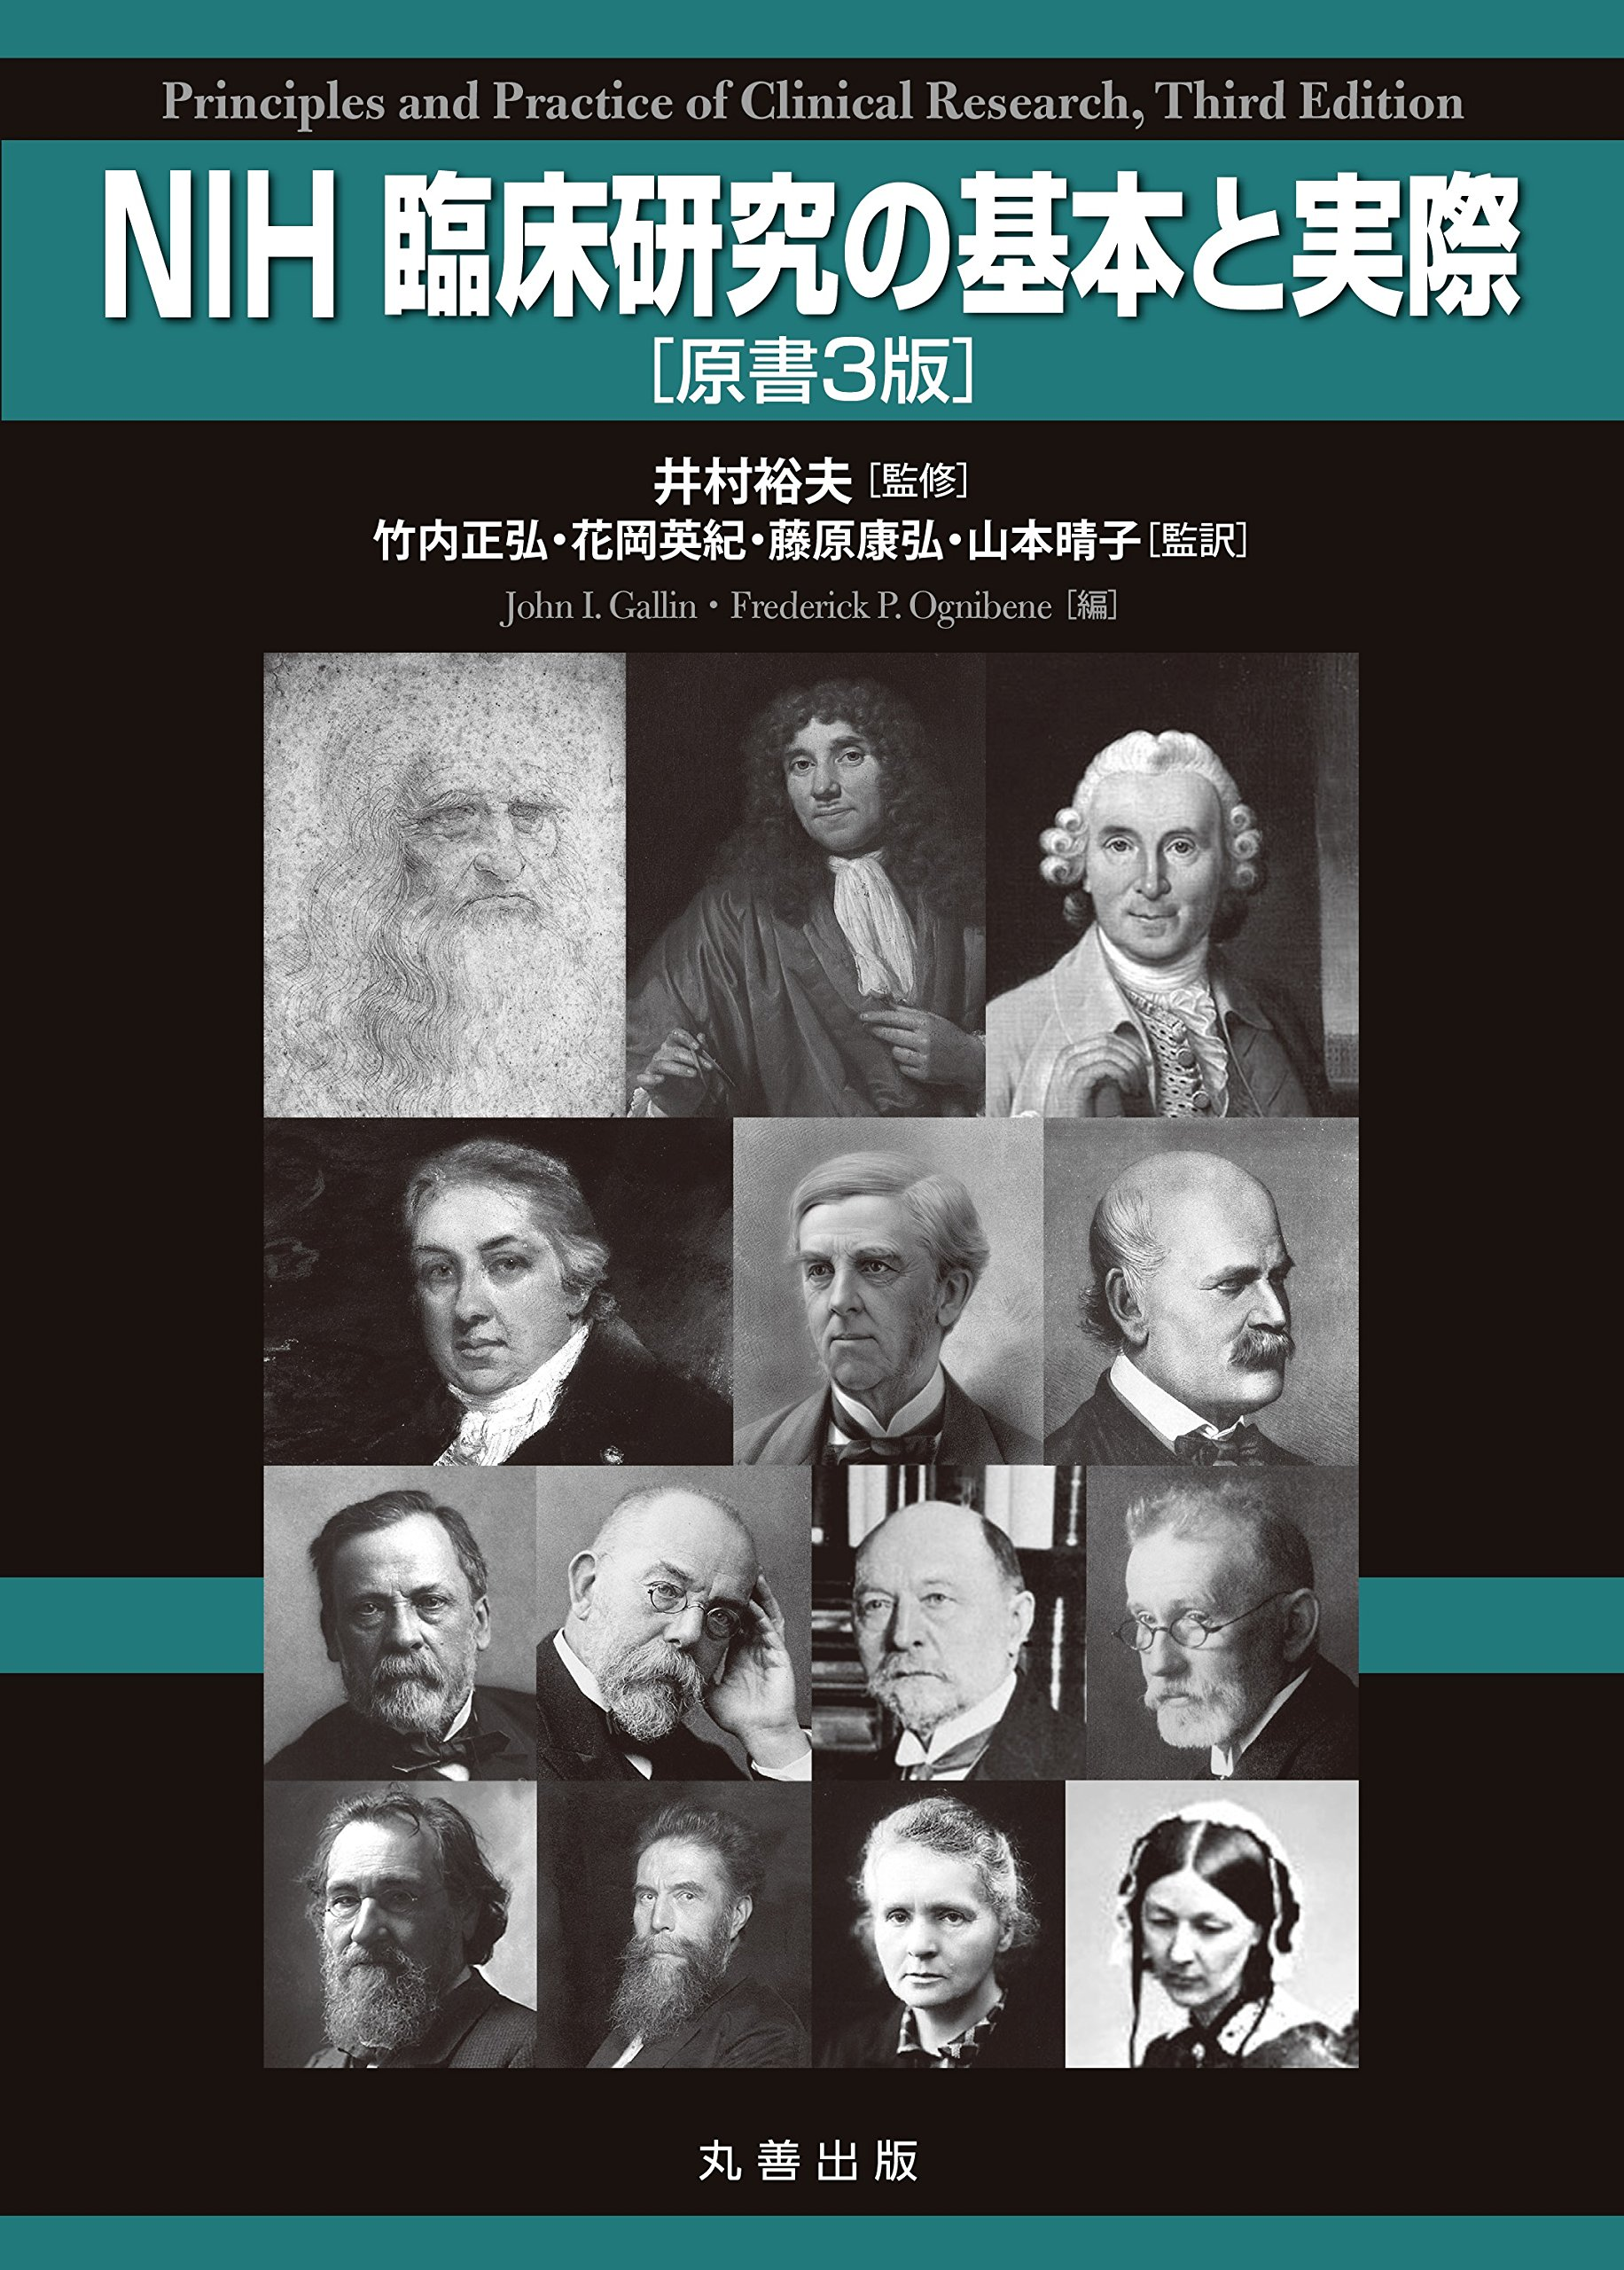 (新刊)「NIH 臨床研究の基本と実際」(丸善出版、 2016年10月)